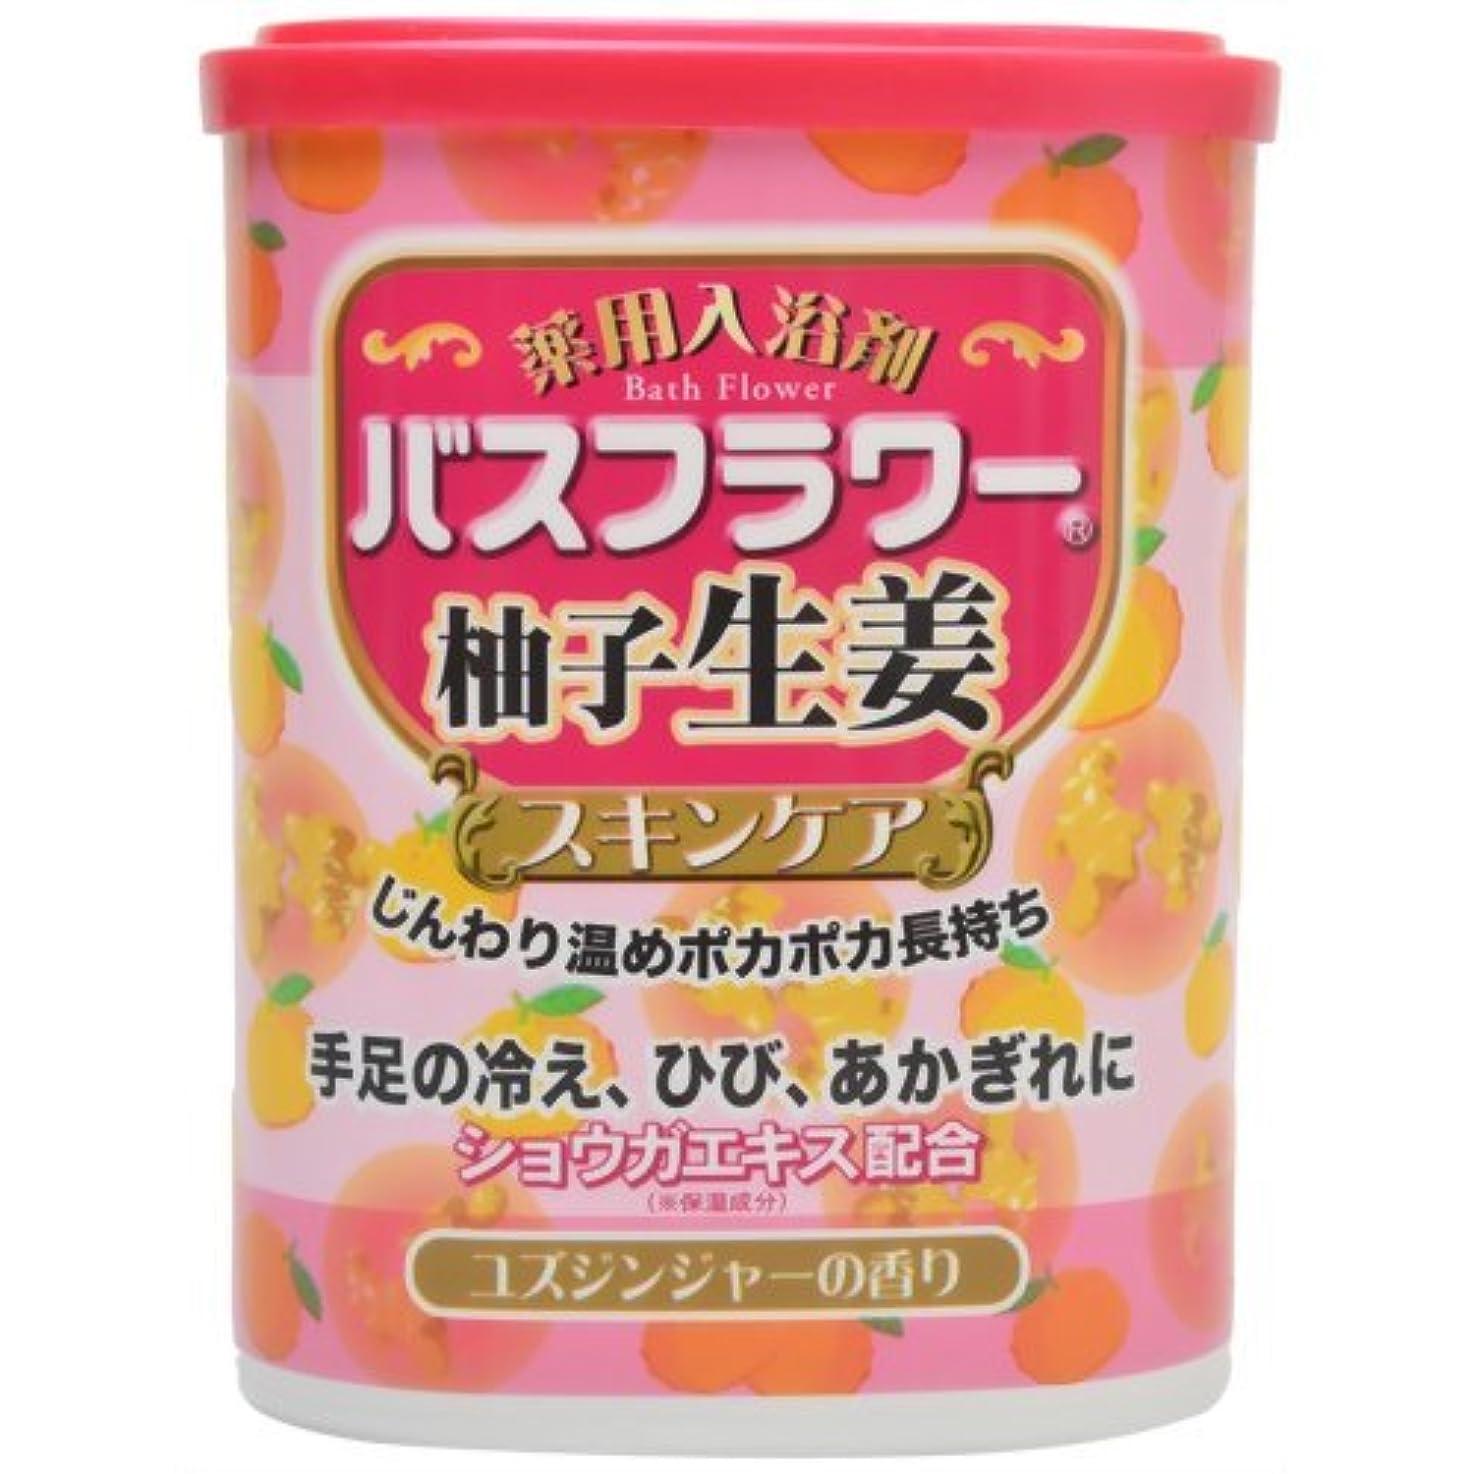 大声で成り立つ固めるバスフラワー 薬用入浴剤スキンケア柚子生姜 680g